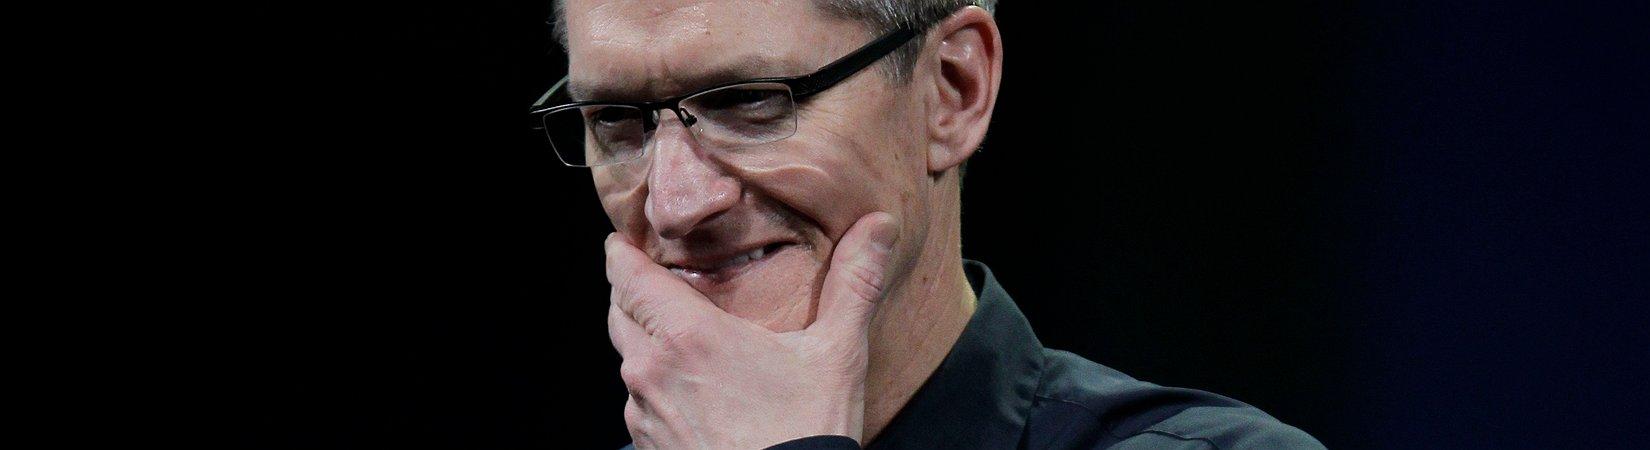 Perché Tim Cook ha venduto le sue azioni Apple prima del lancio dell'iPhone 8?